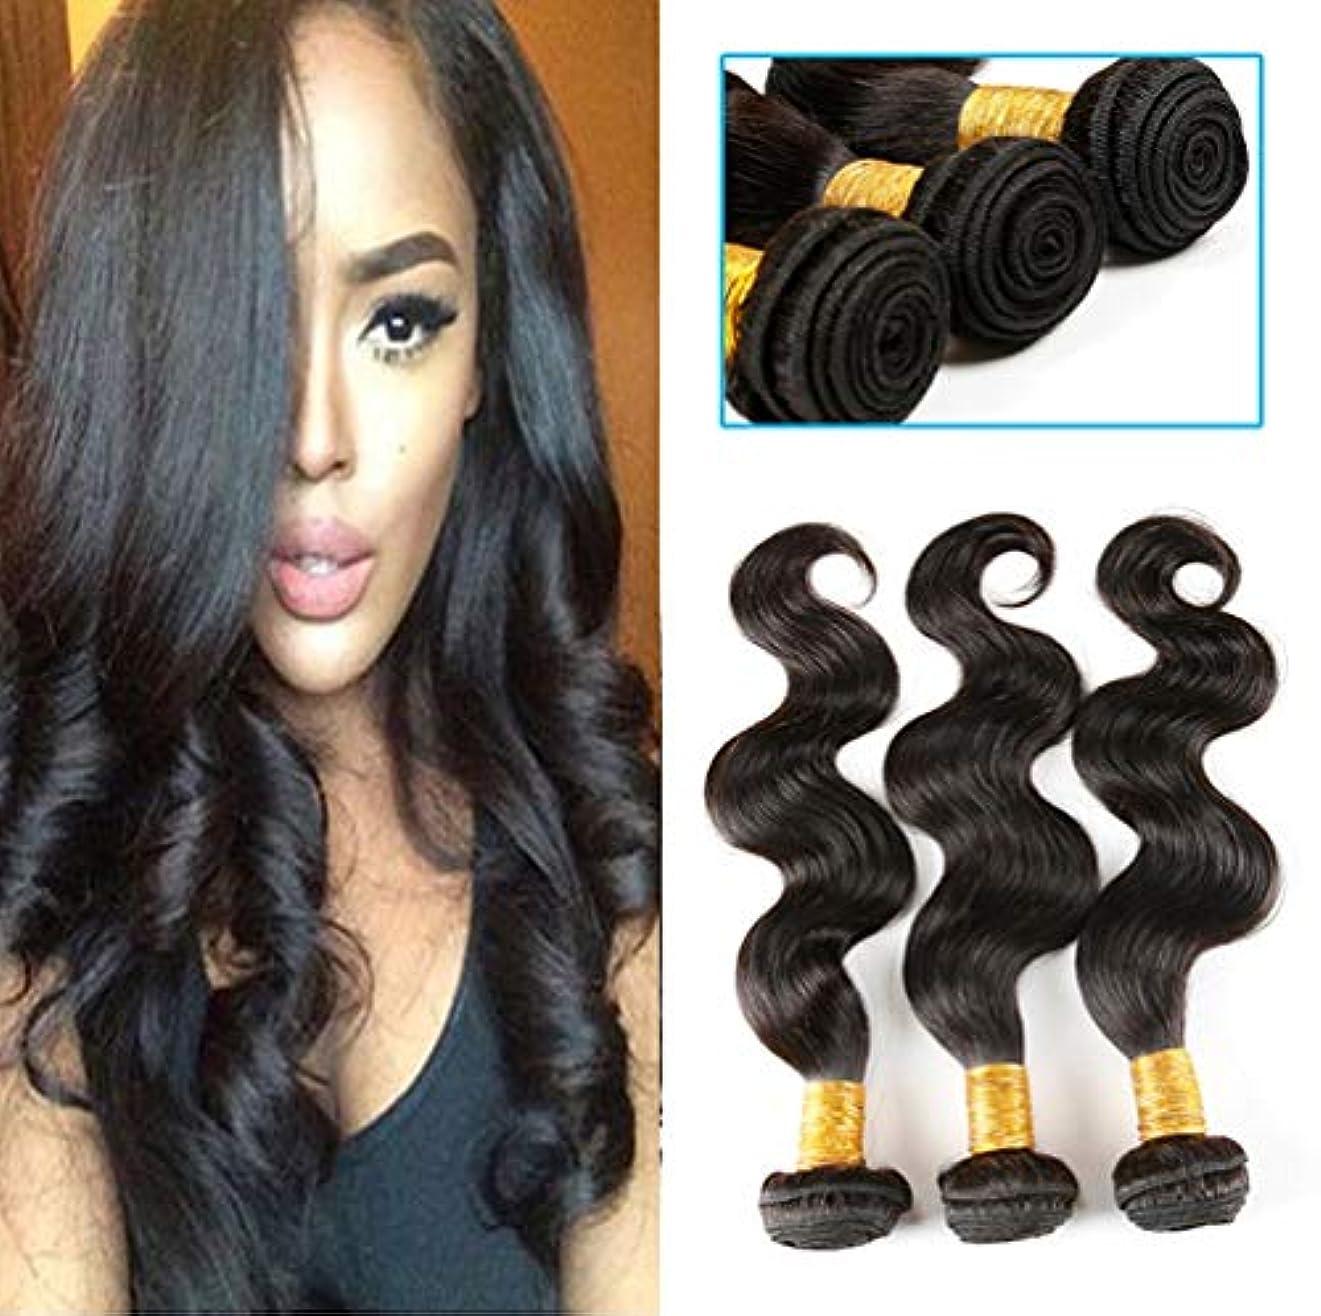 ブラジルの髪の束を編む女性の髪の毛人間の髪の毛の人間の髪の束ブラジルの身体の波の束(3束)